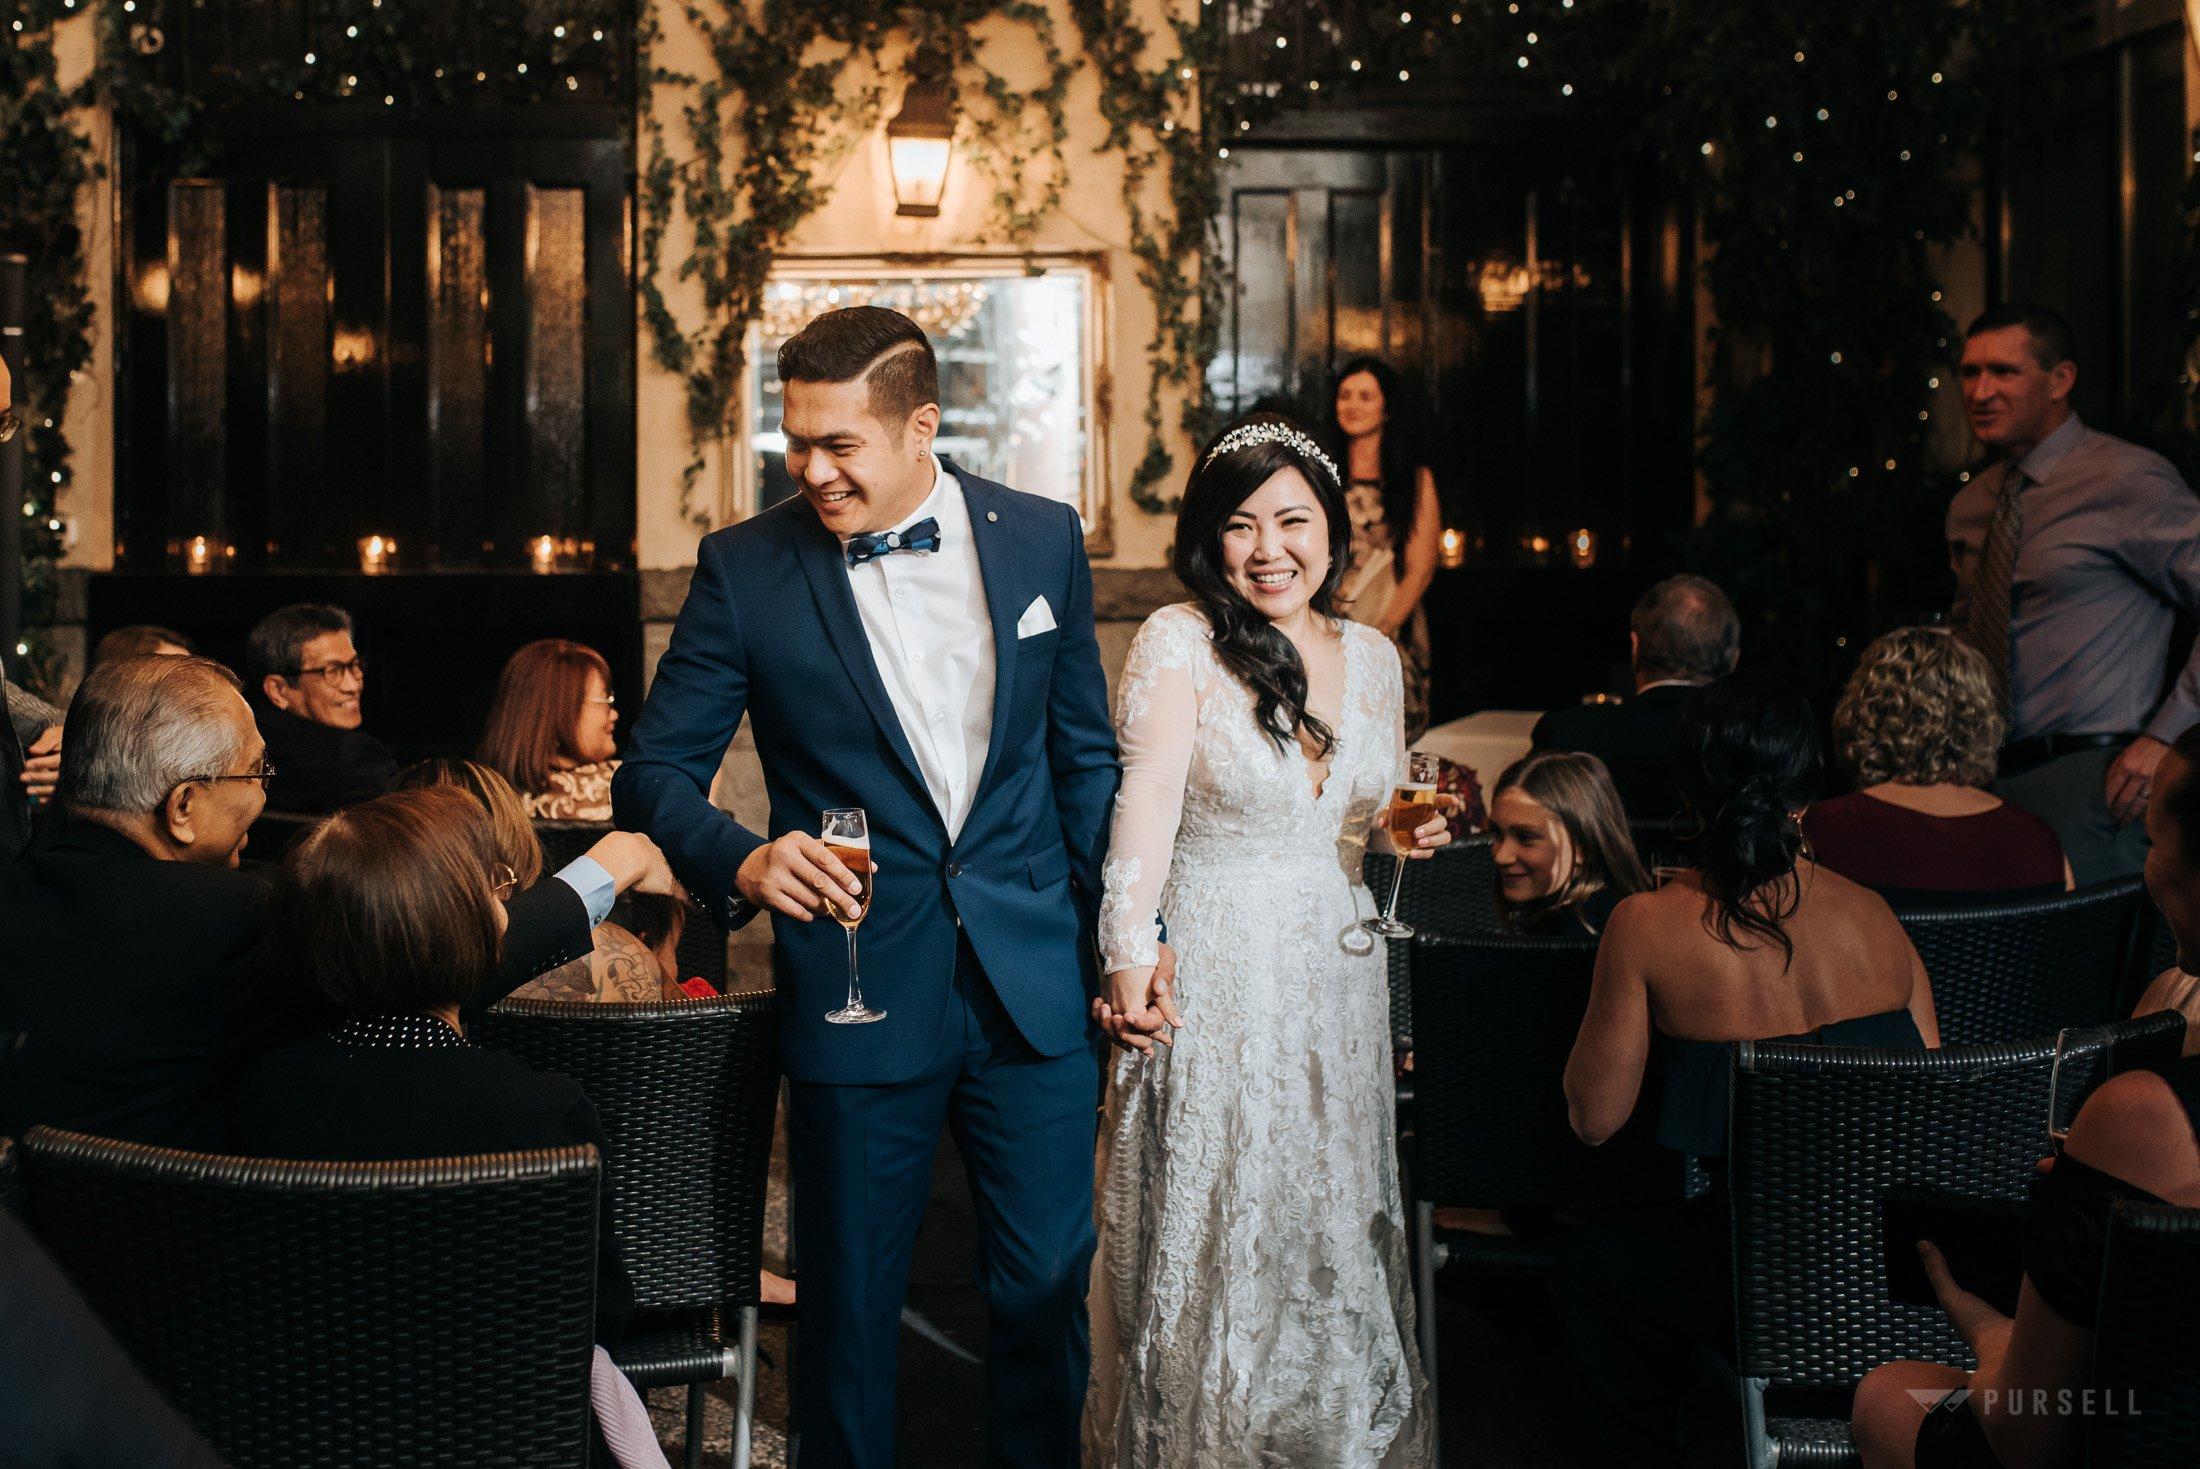 013 - small wedding at brix and mortar